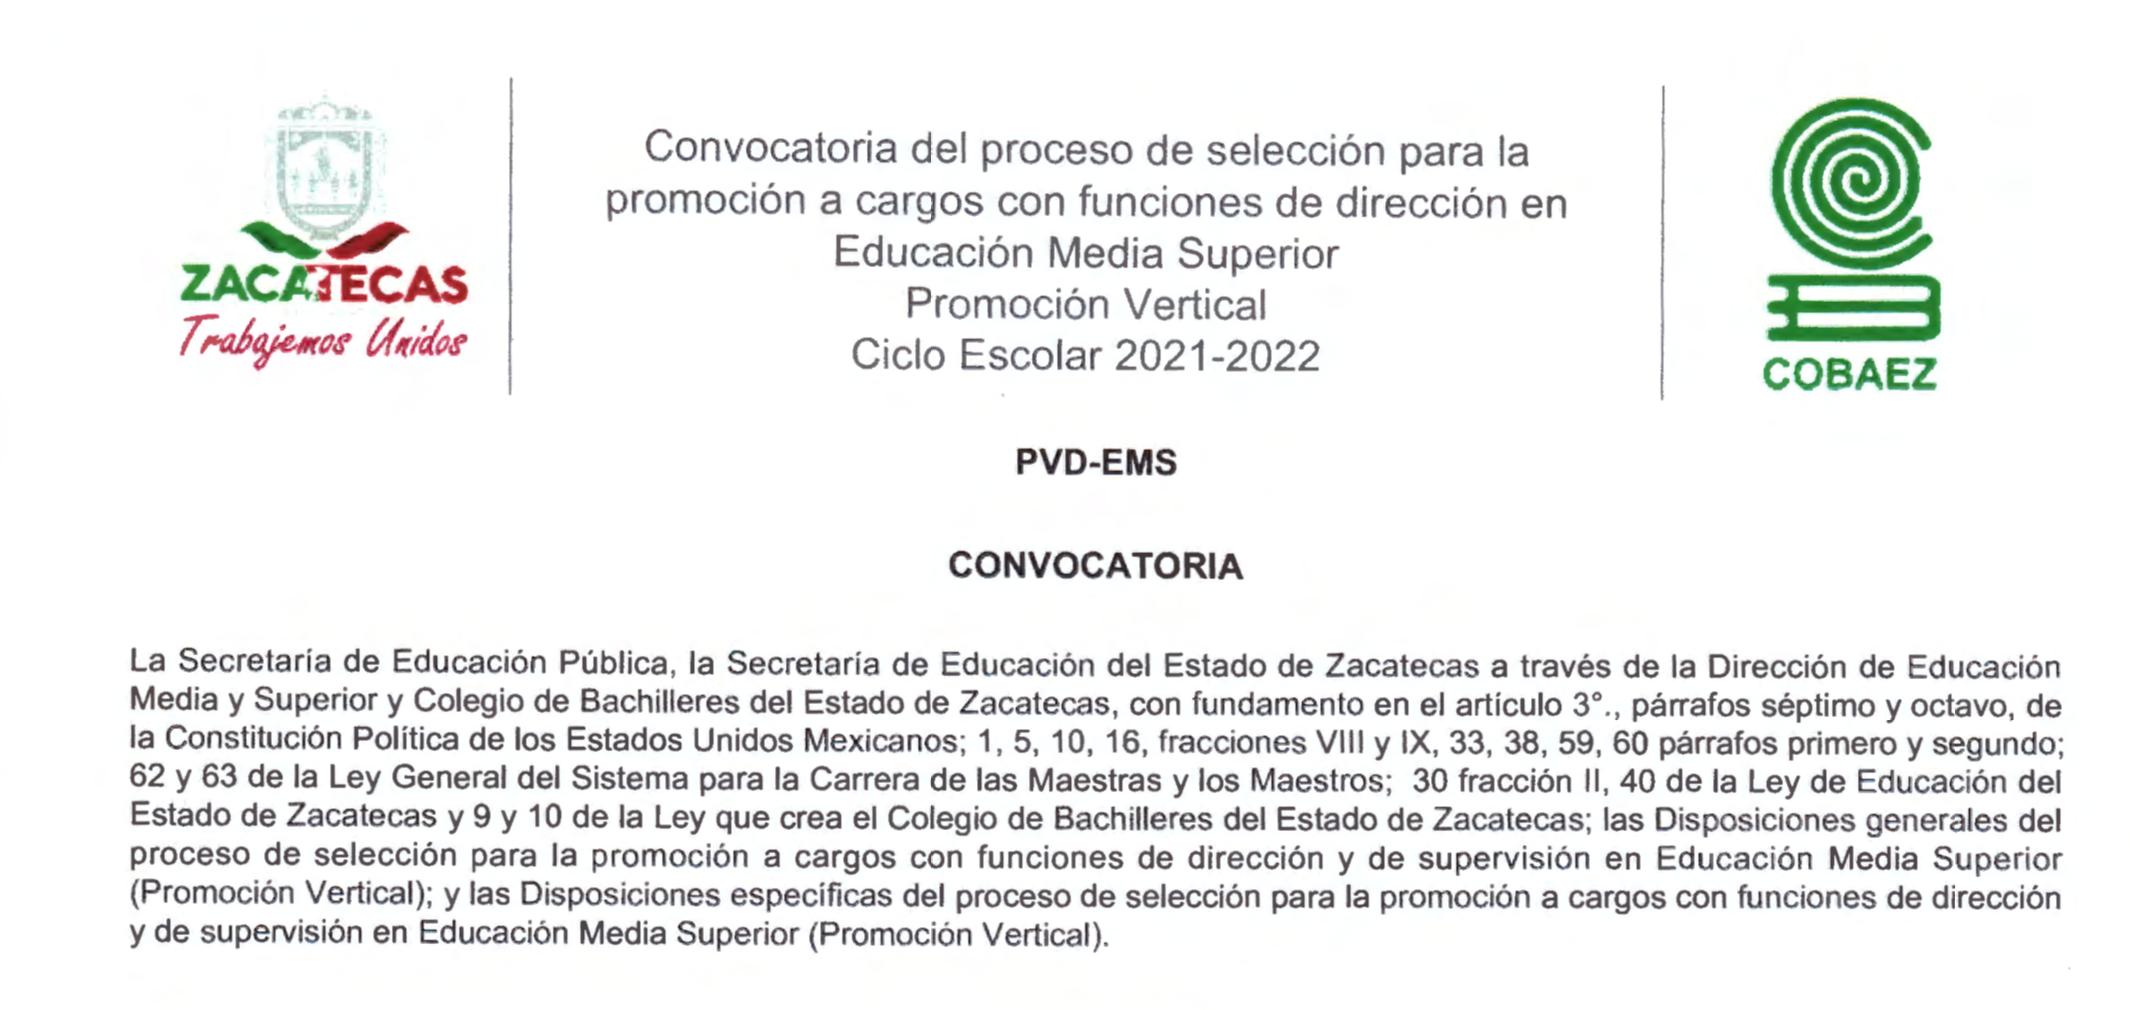 Convocatoria para el proceso de selección para la promoción de cargo de funciones de Dirección en Educación Media Superior promoción vertical Ciclo Escolar 2021- 2022